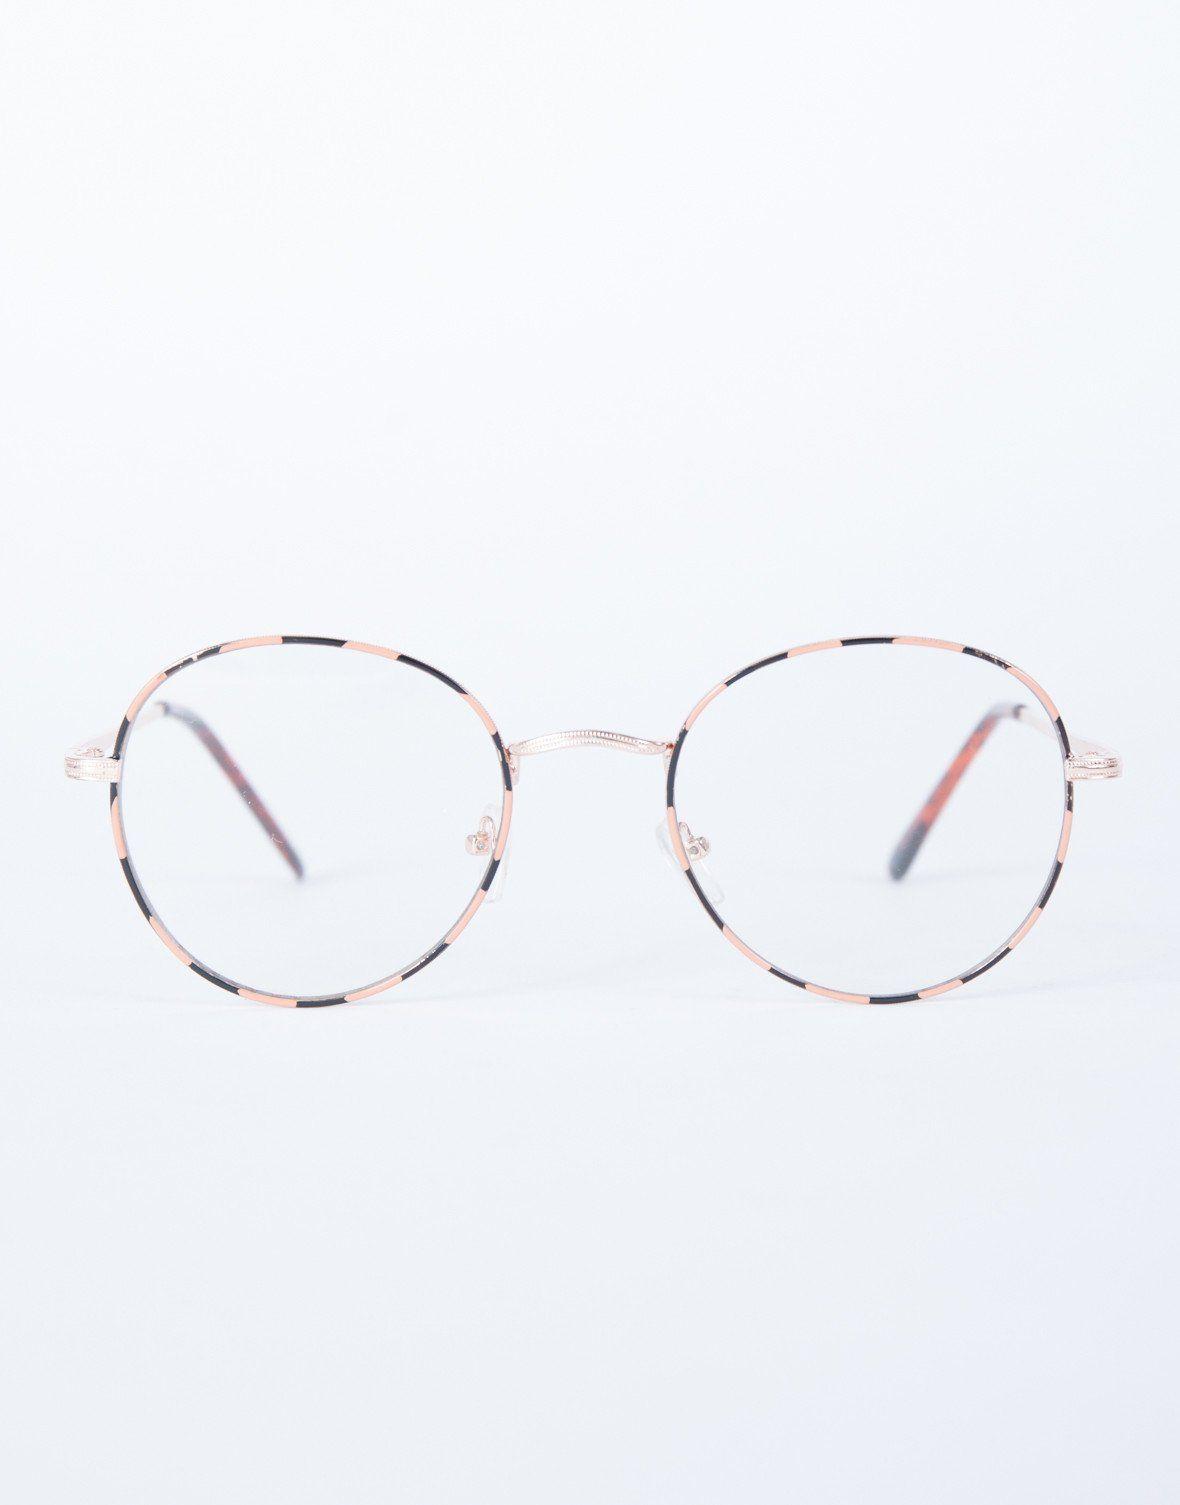 6bba1c588f1 Fun Striped Glasses